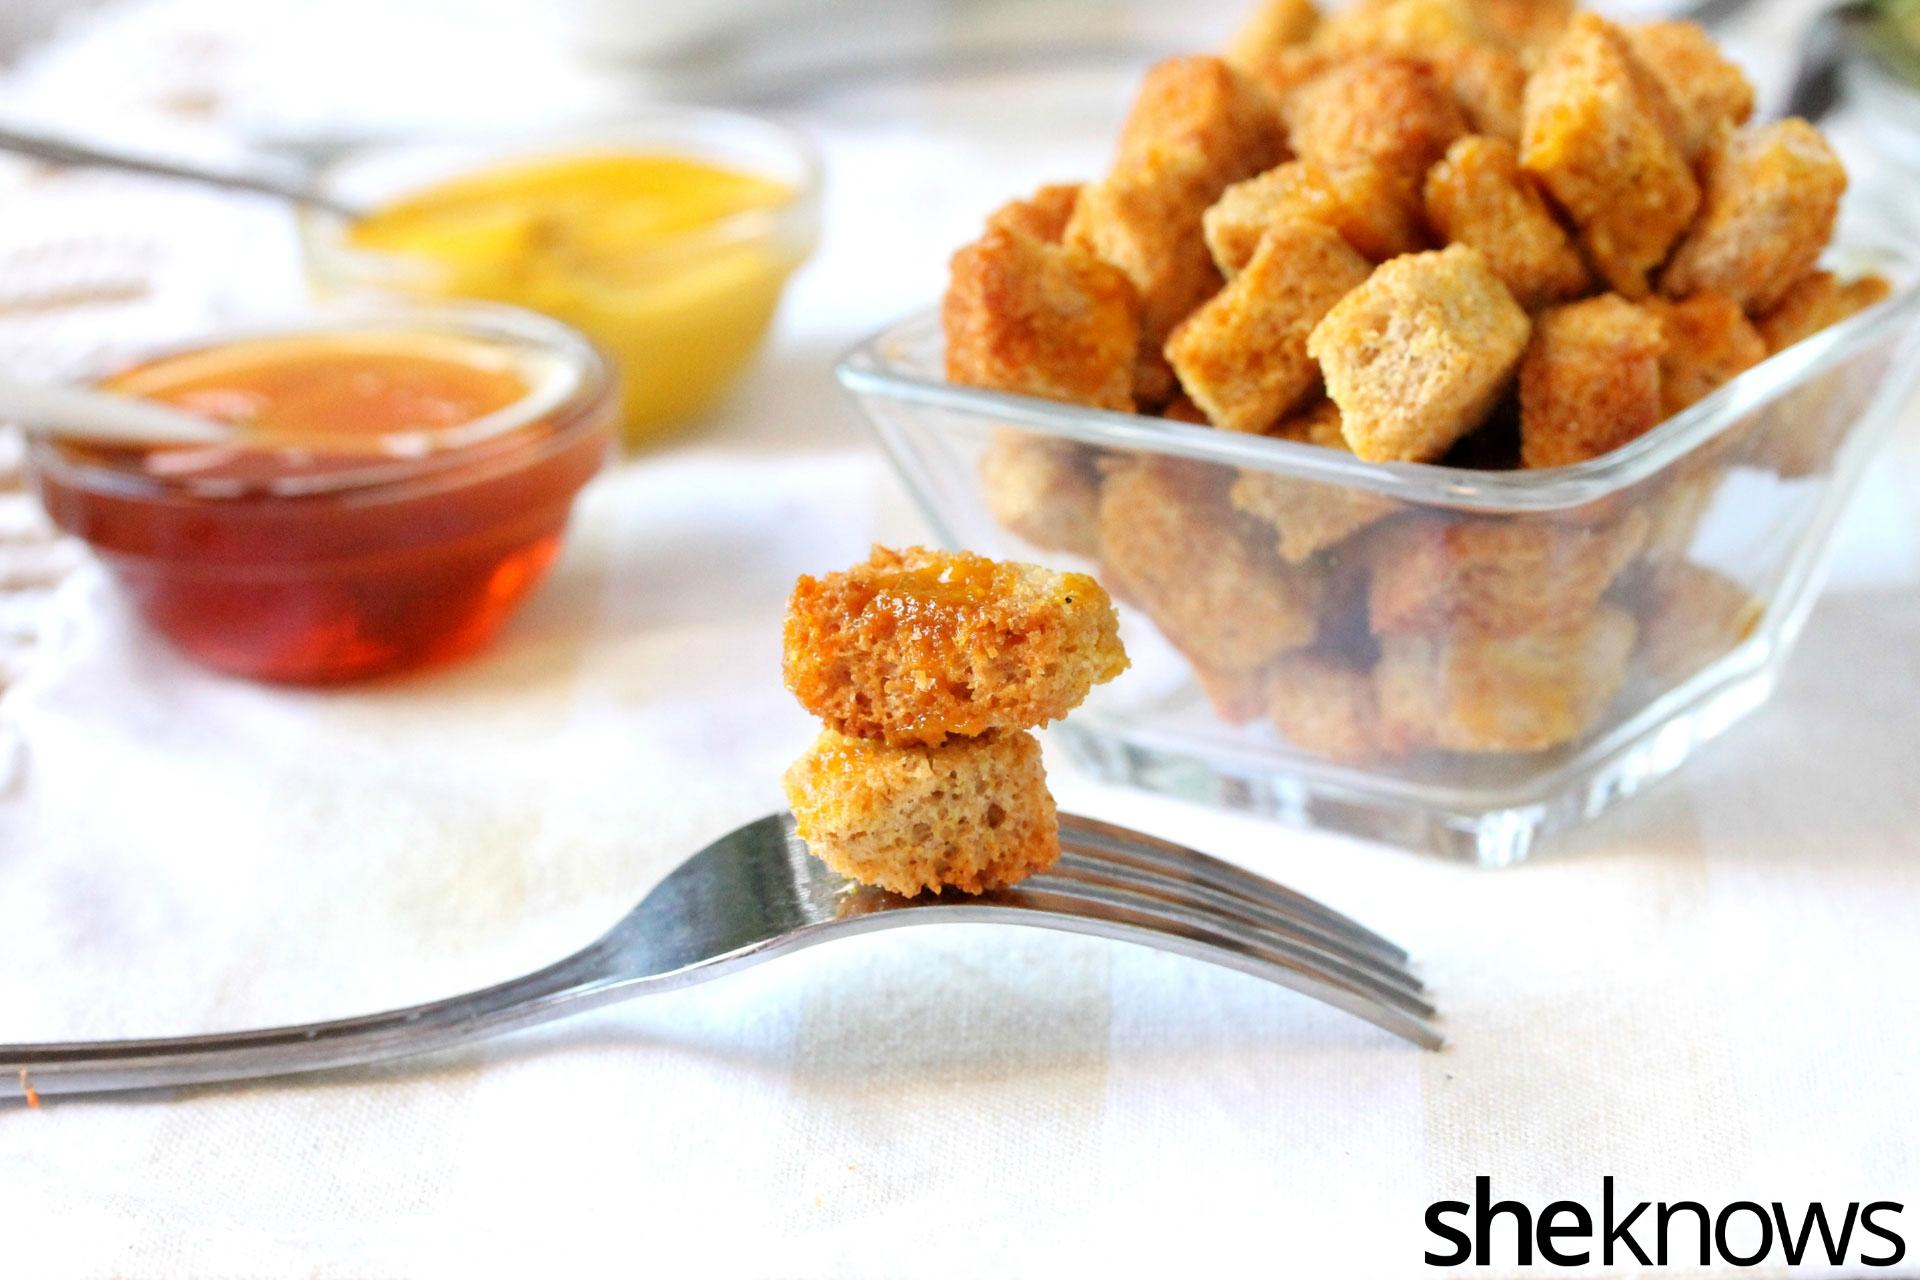 honey-mustard-crouton-on-fork